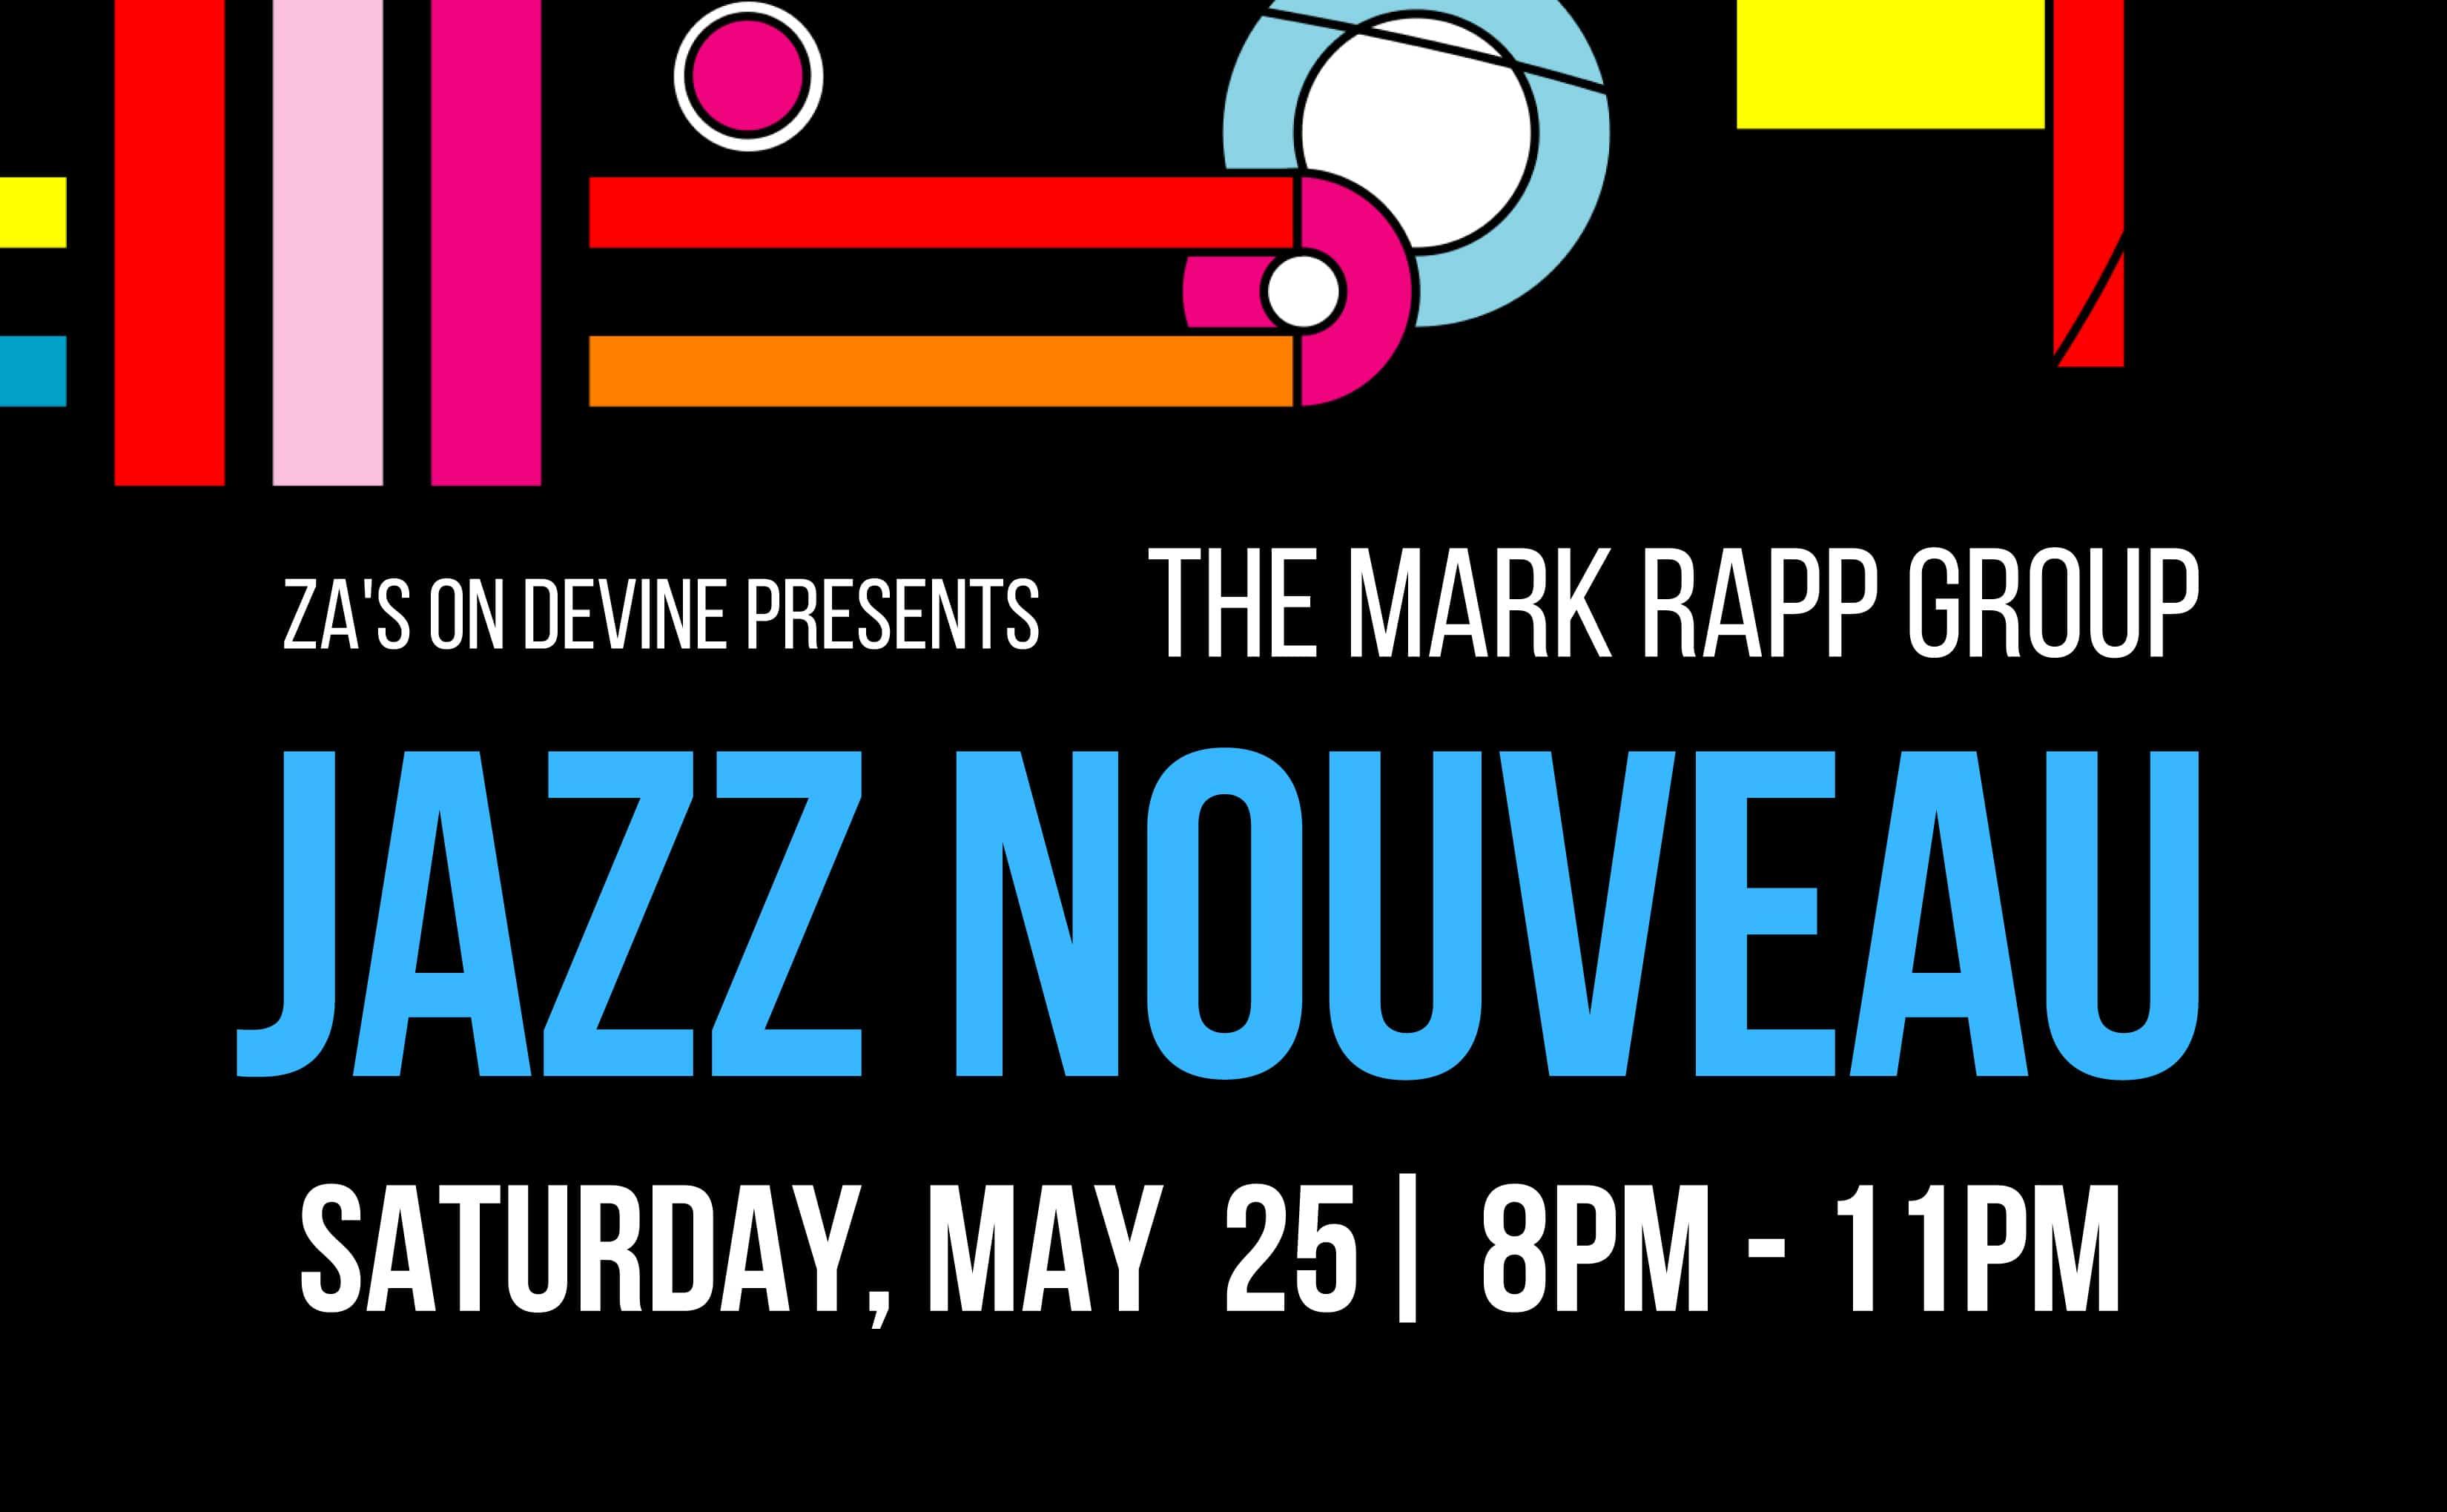 Jazz at Za's on Devine, Mark Rapp